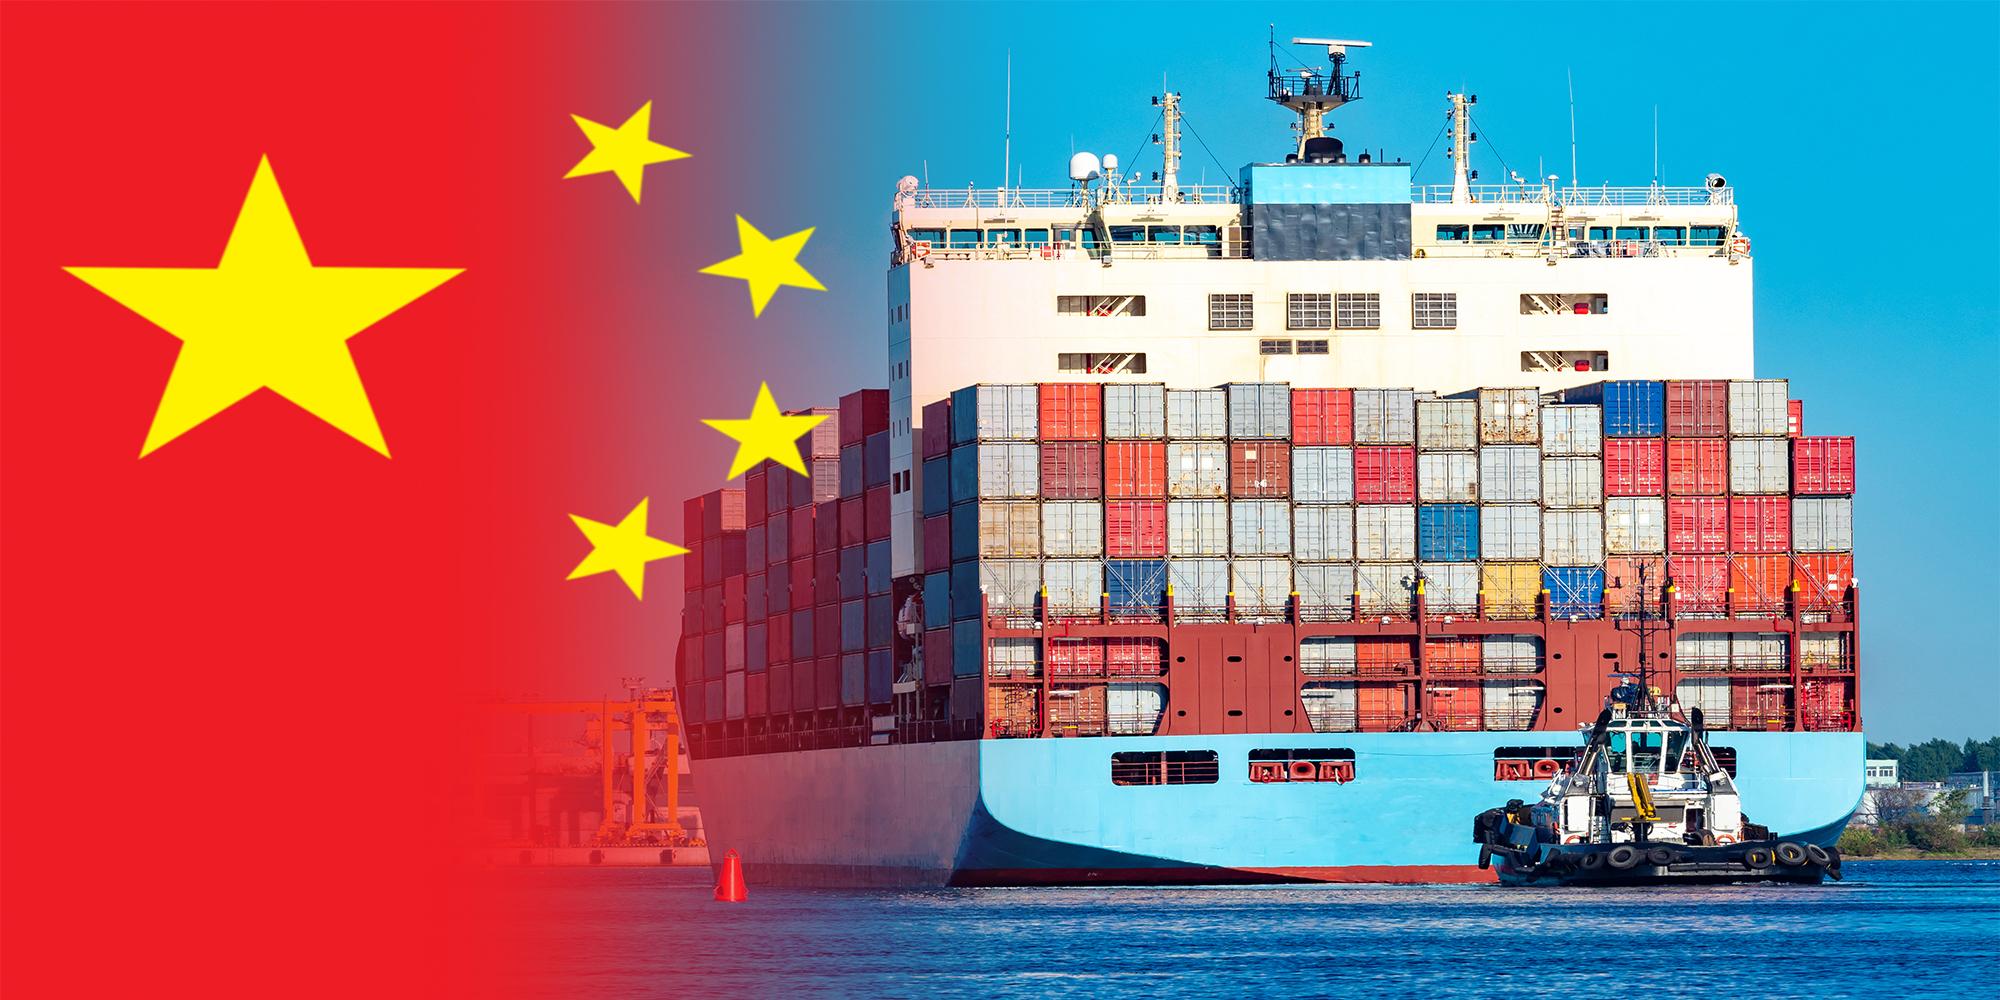 الاقتصاد الصيني يتوسع بمعدل أسرع مما كان عليه قبل جائحة كورونا